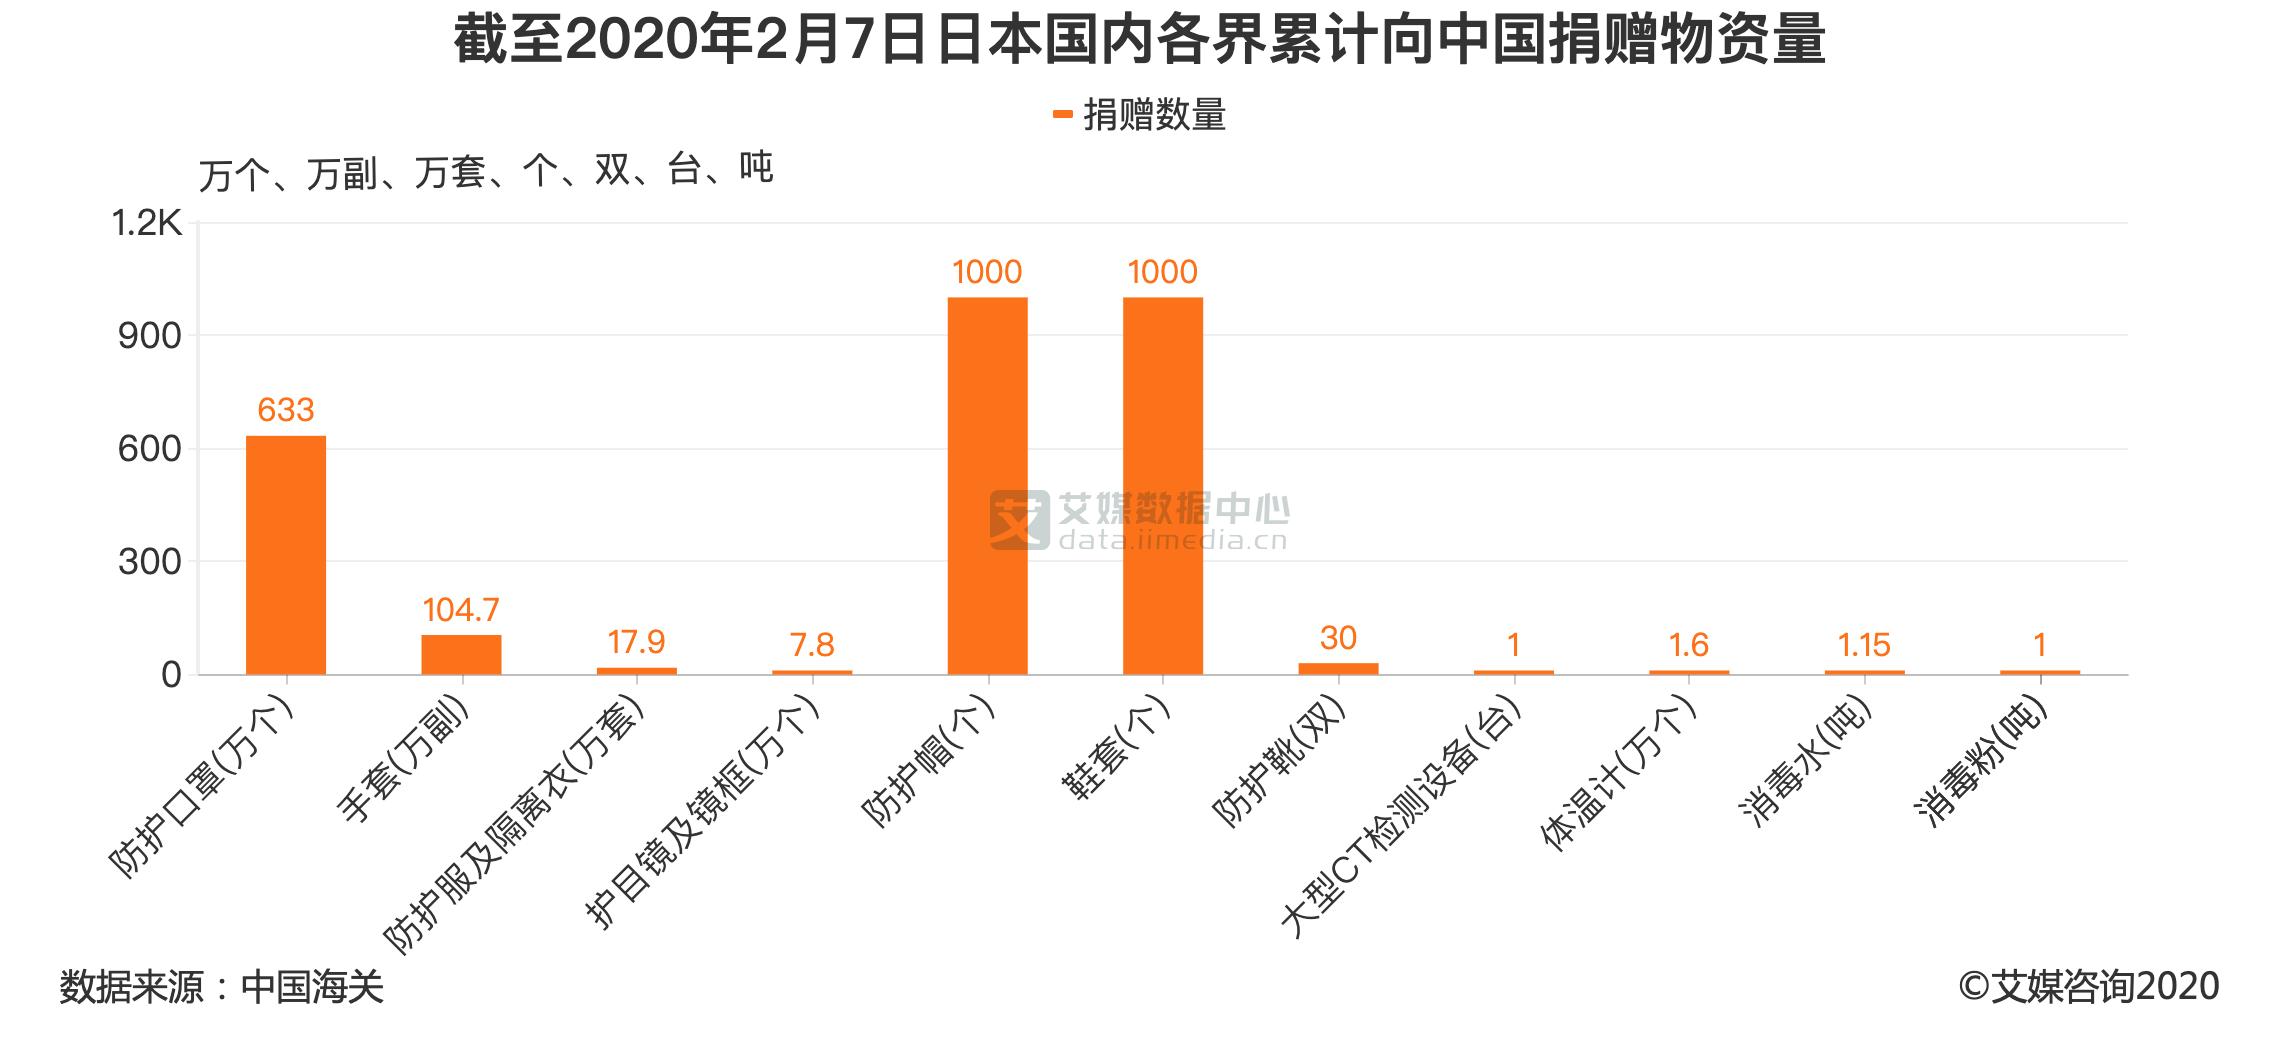 截至2020年2月7日日本国内各界累计向中国捐赠物资量